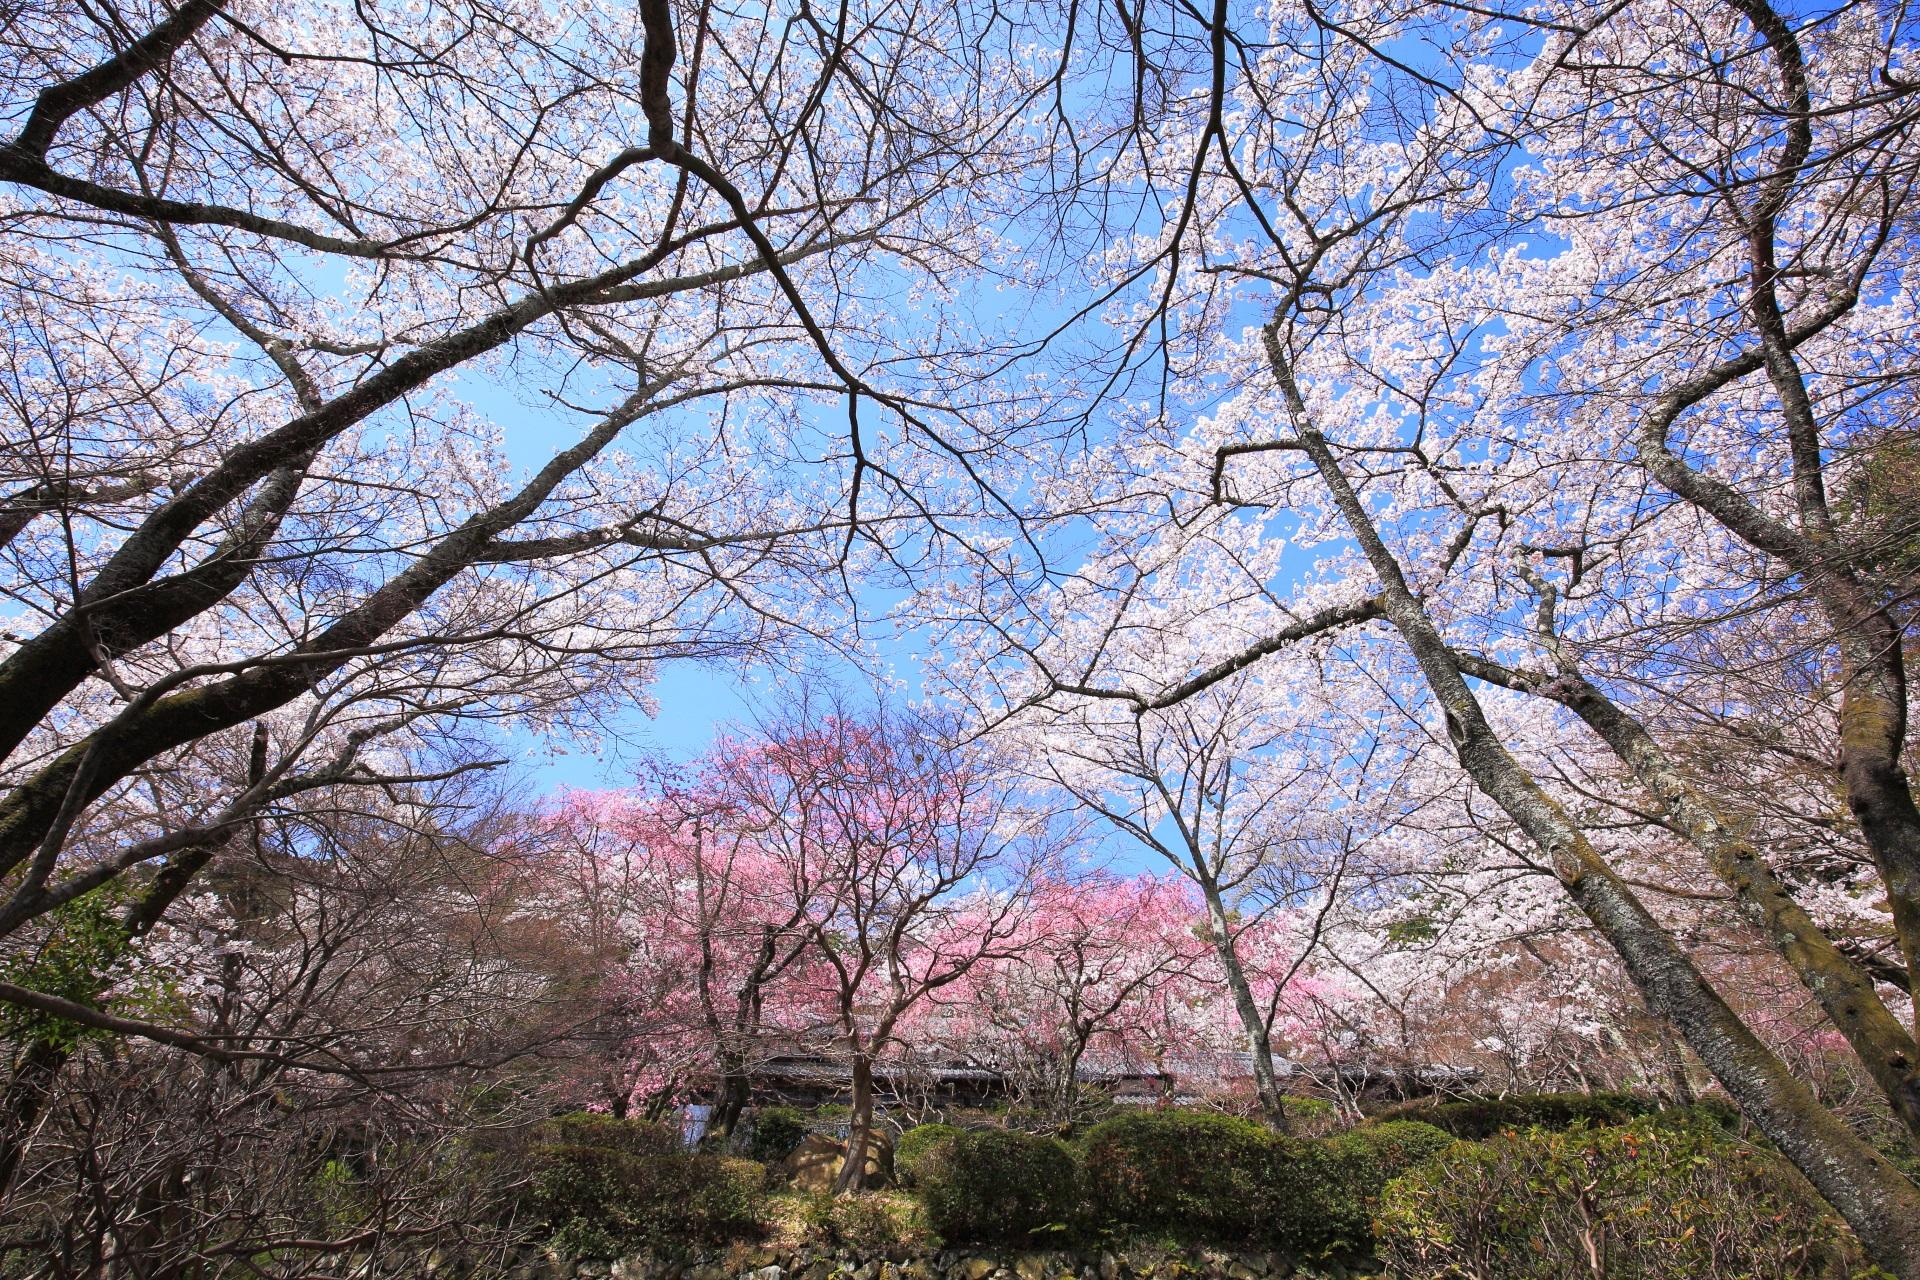 勝持寺の雲一つない青空を染める絶品の桜